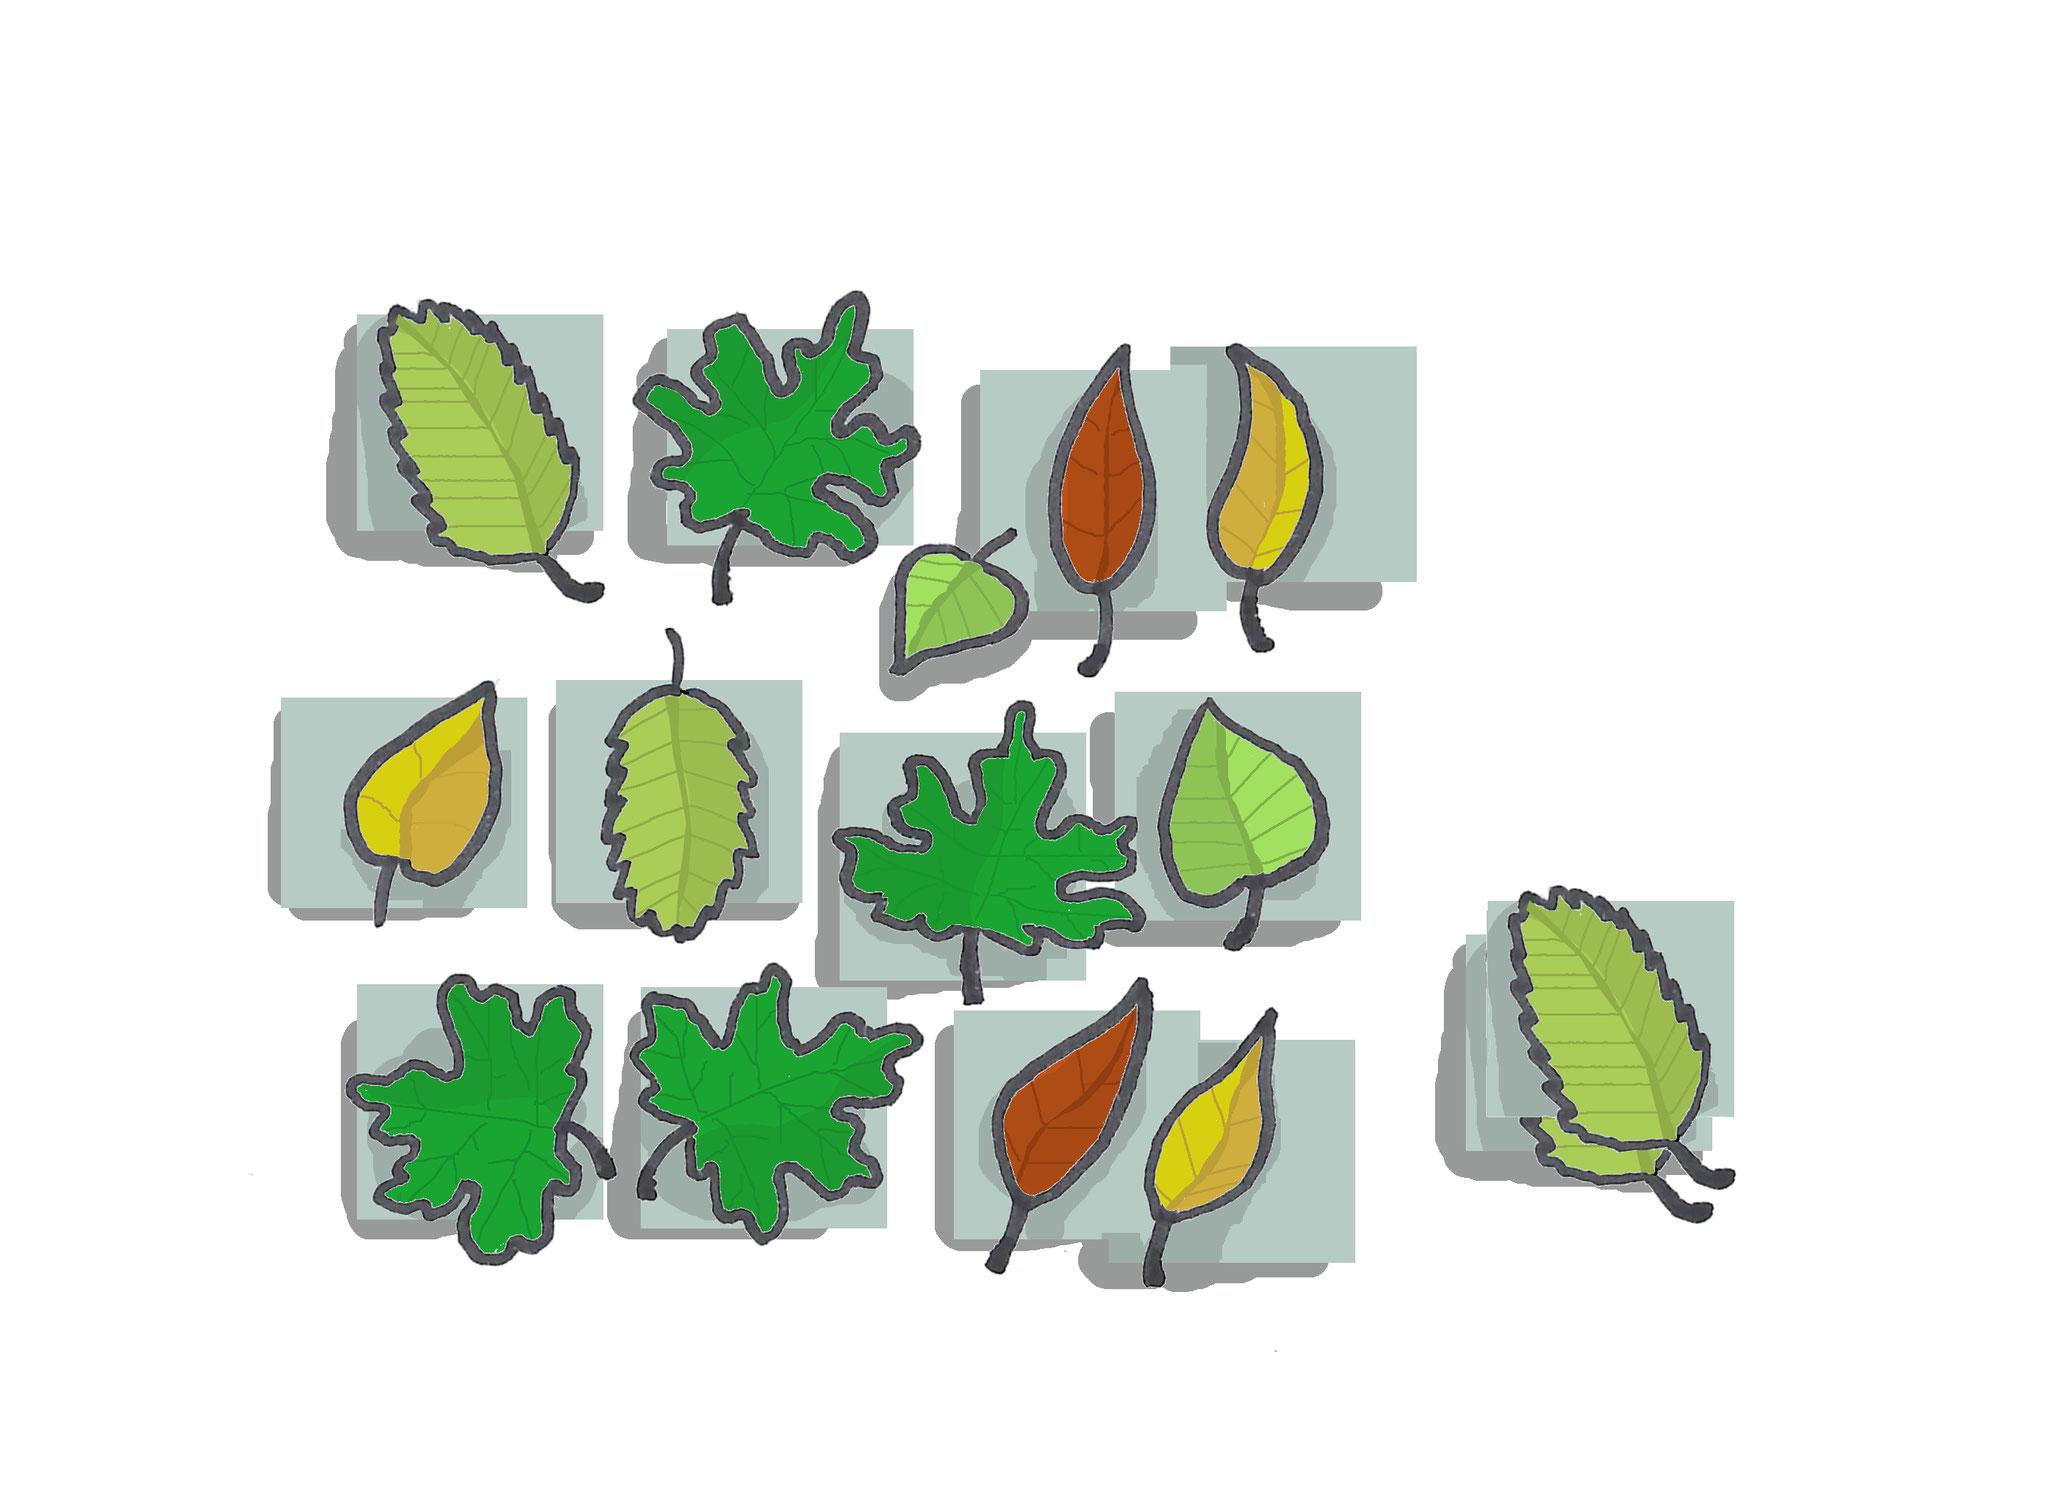 5. Memory selber machen: Zwei gleiche Dinge (aus dem Abfall oder Wald) bilden ein Paar. Einfach aus dickem Papier Quadrate ausschneiden und die andere Seite bekleben. Ähnlich lässt sich auch ein Mensch-Ärger-dich-nicht oder Dominospiel herstellen.